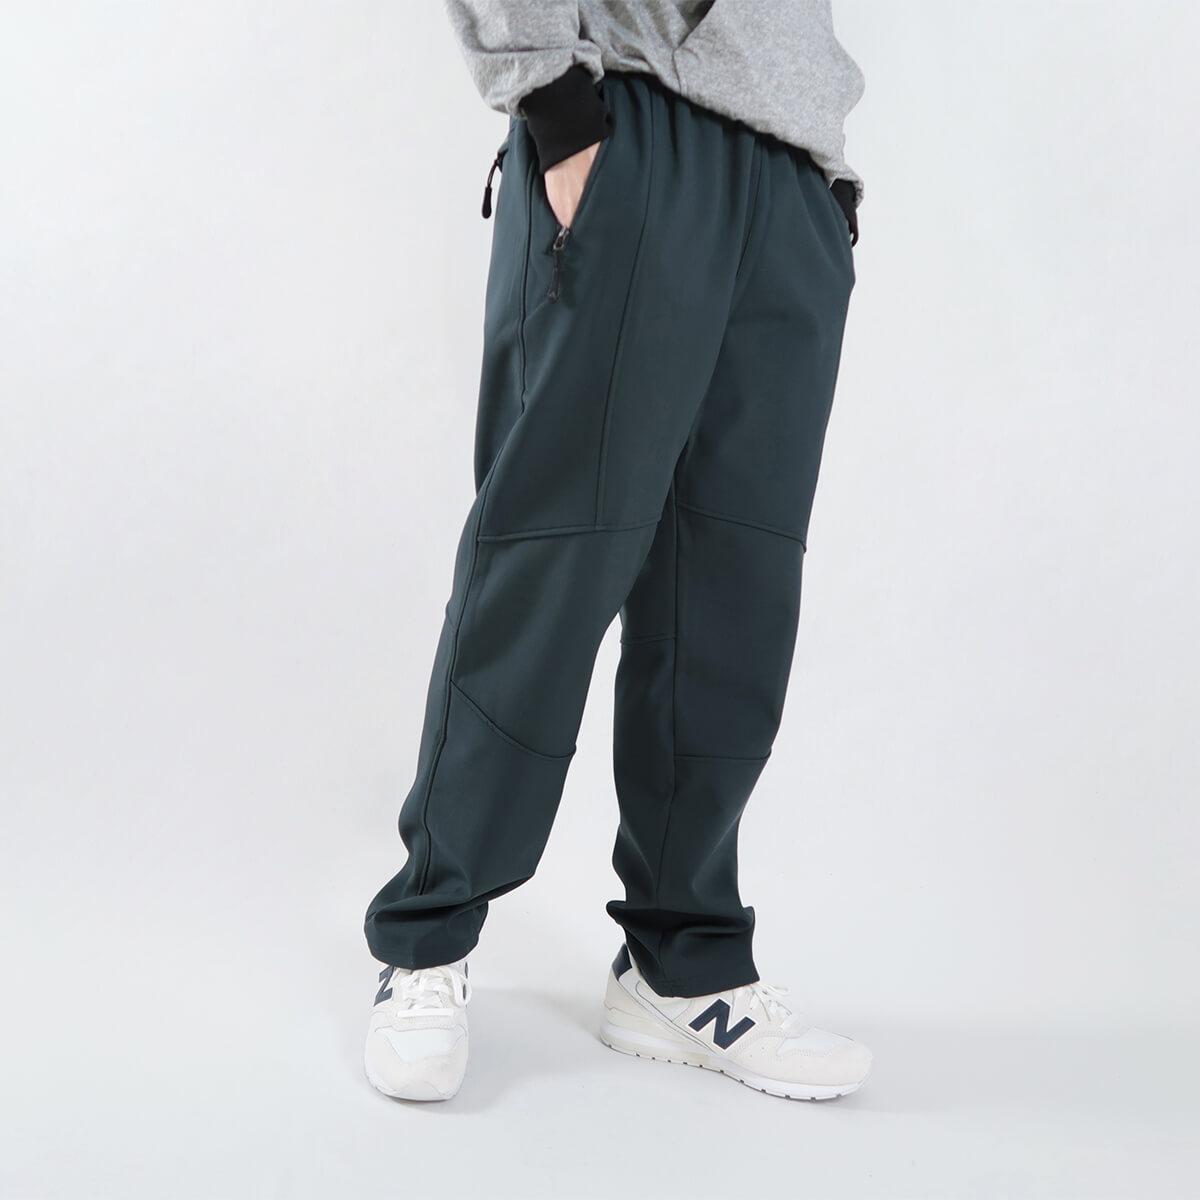 保暖厚刷毛軟殼褲 防風防潑水透氣保暖衝鋒褲 保暖褲 內裡刷毛褲 休閒長褲 黑色長褲 WARM THICK FLEECE LINED SOFTSHELL PANTS OUTDOOR PANTS (321-356-08)深藍色、(321-356-21)黑色、(321-356-22)藍綠色 腰圍M L XL 2L(28~40英吋) [實體店面保障] sun-e 6